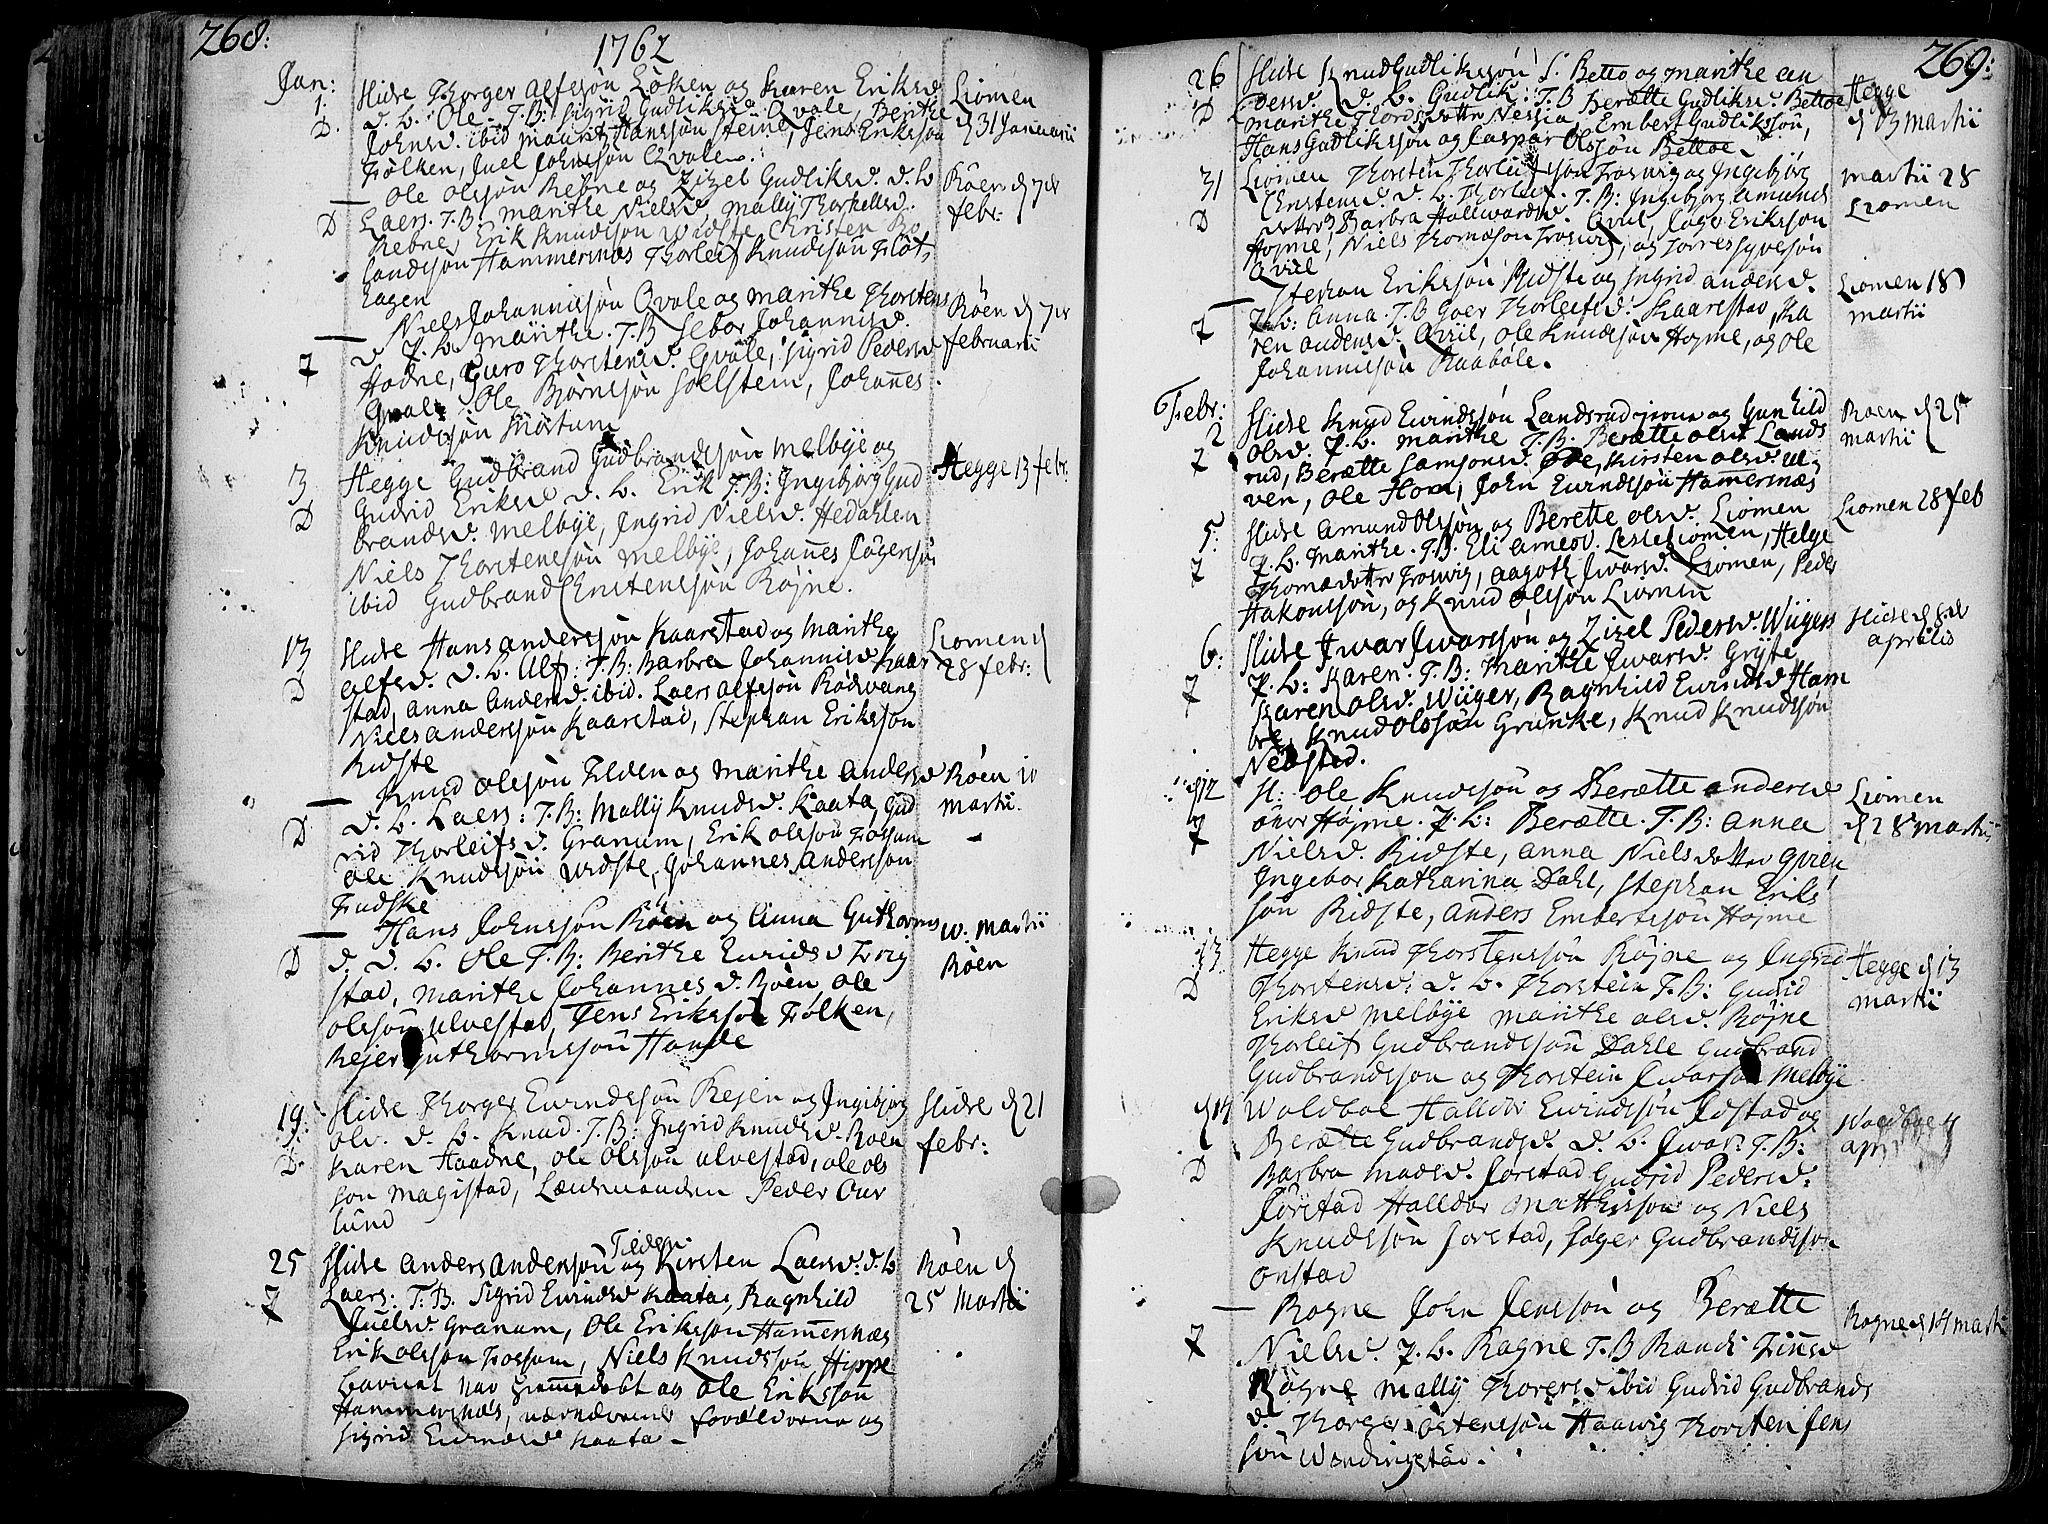 SAH, Slidre prestekontor, Ministerialbok nr. 1, 1724-1814, s. 268-269